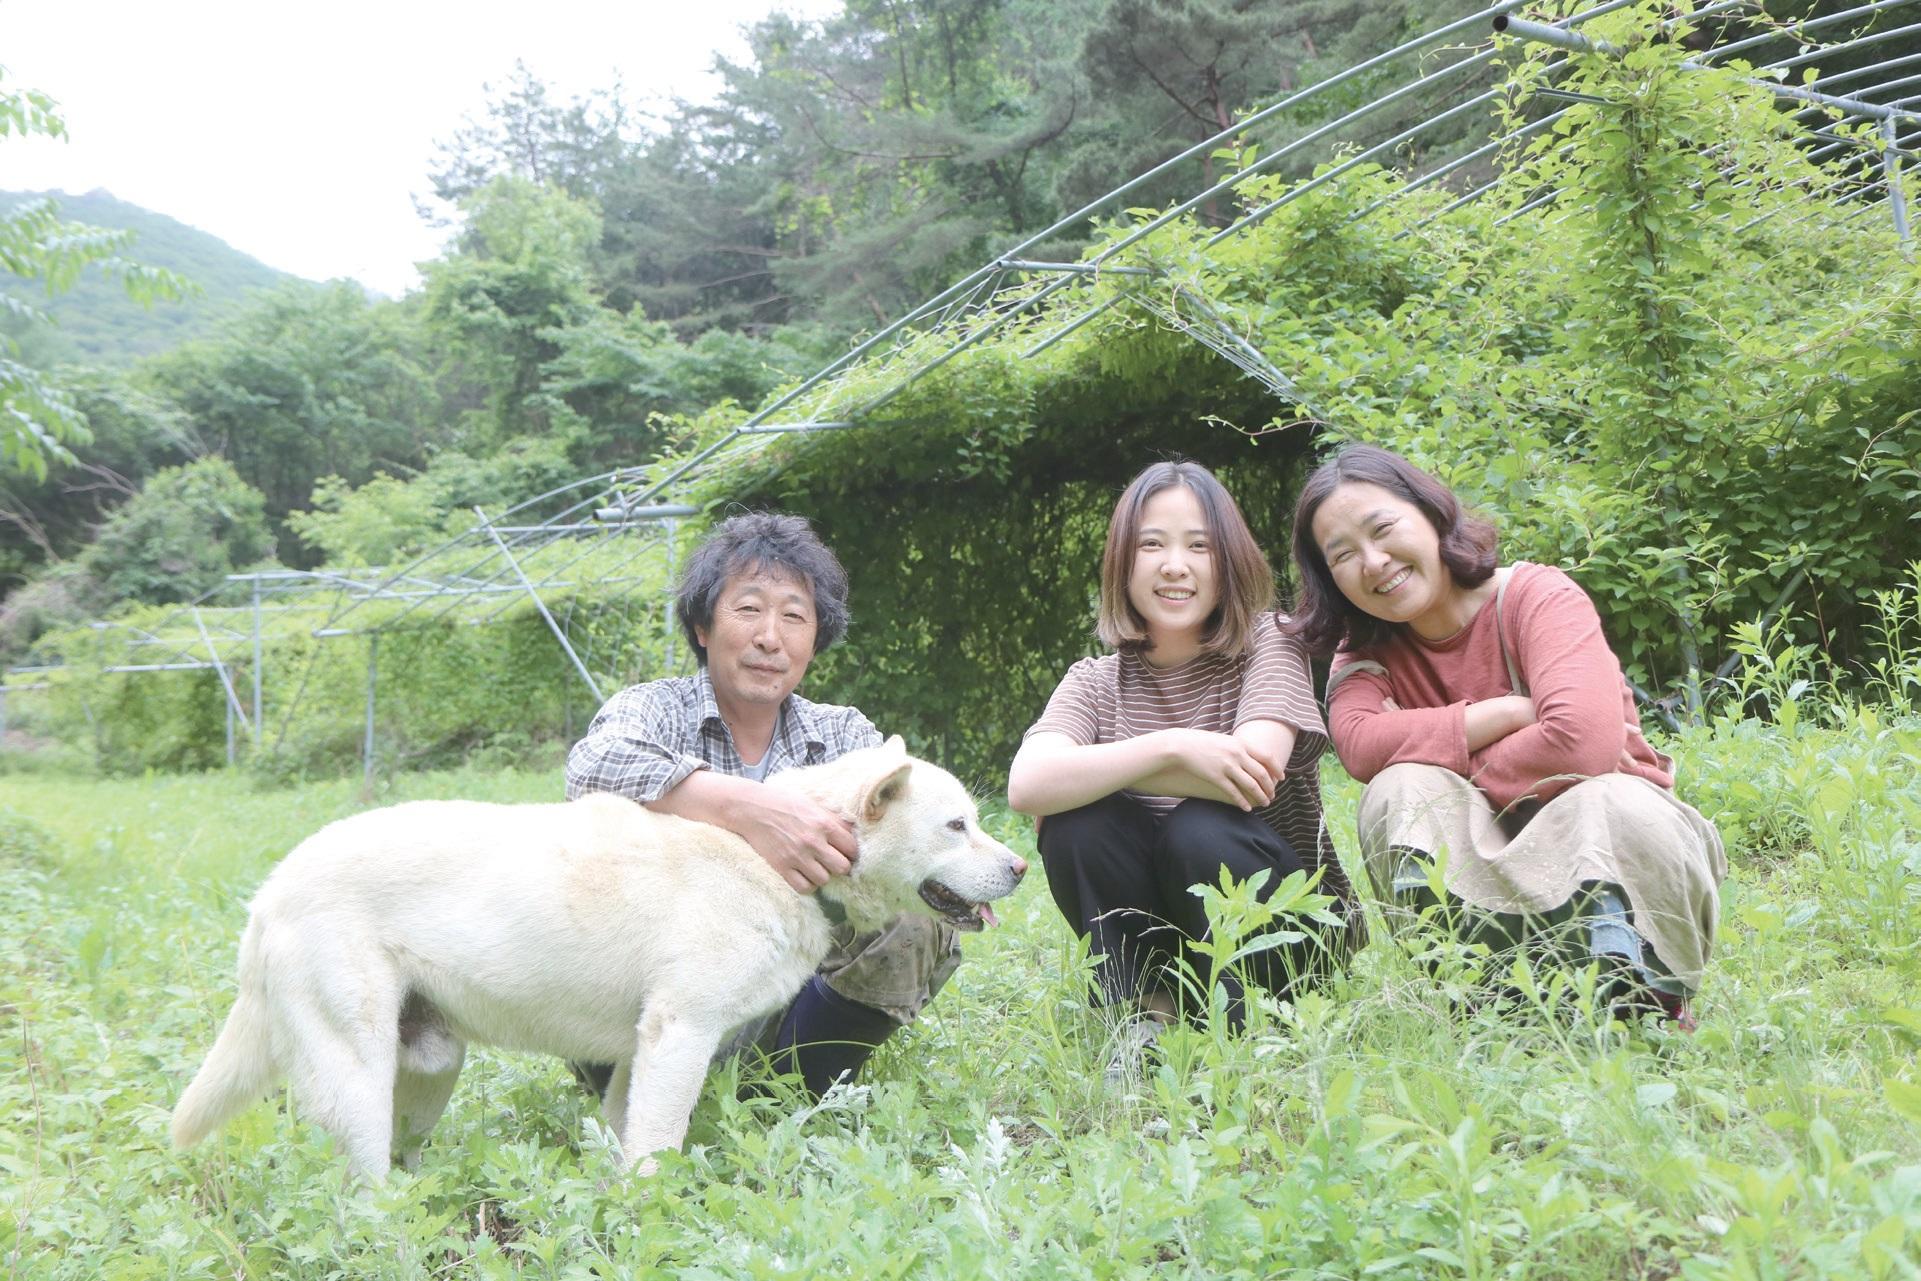 한여름에도 시원한 산 아래 오미자밭에 앉은 김현희 대표와 맏딸 차령 씨, 남편 박상욱 씨, 힘이 넘치는 진돗개 짱이.(오른쪽부터)